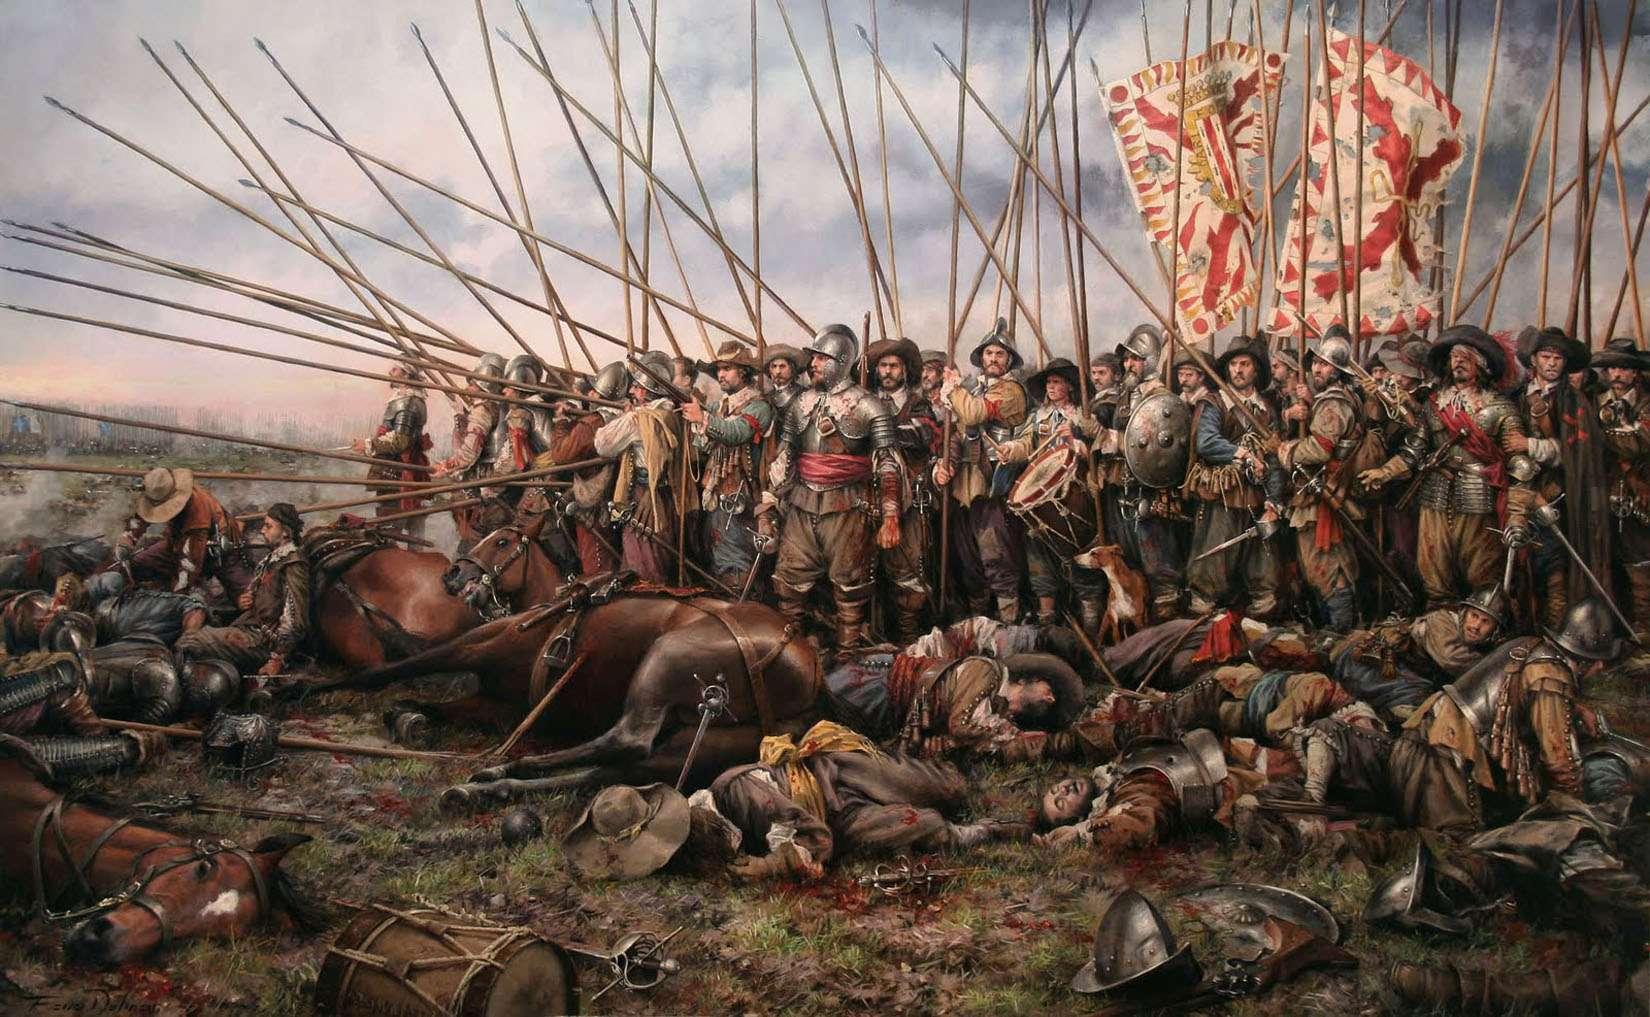 Τριακονταετής Πόλεμος. The Battle of Rocroi (1643), by Augusto Ferrer-Dalmau